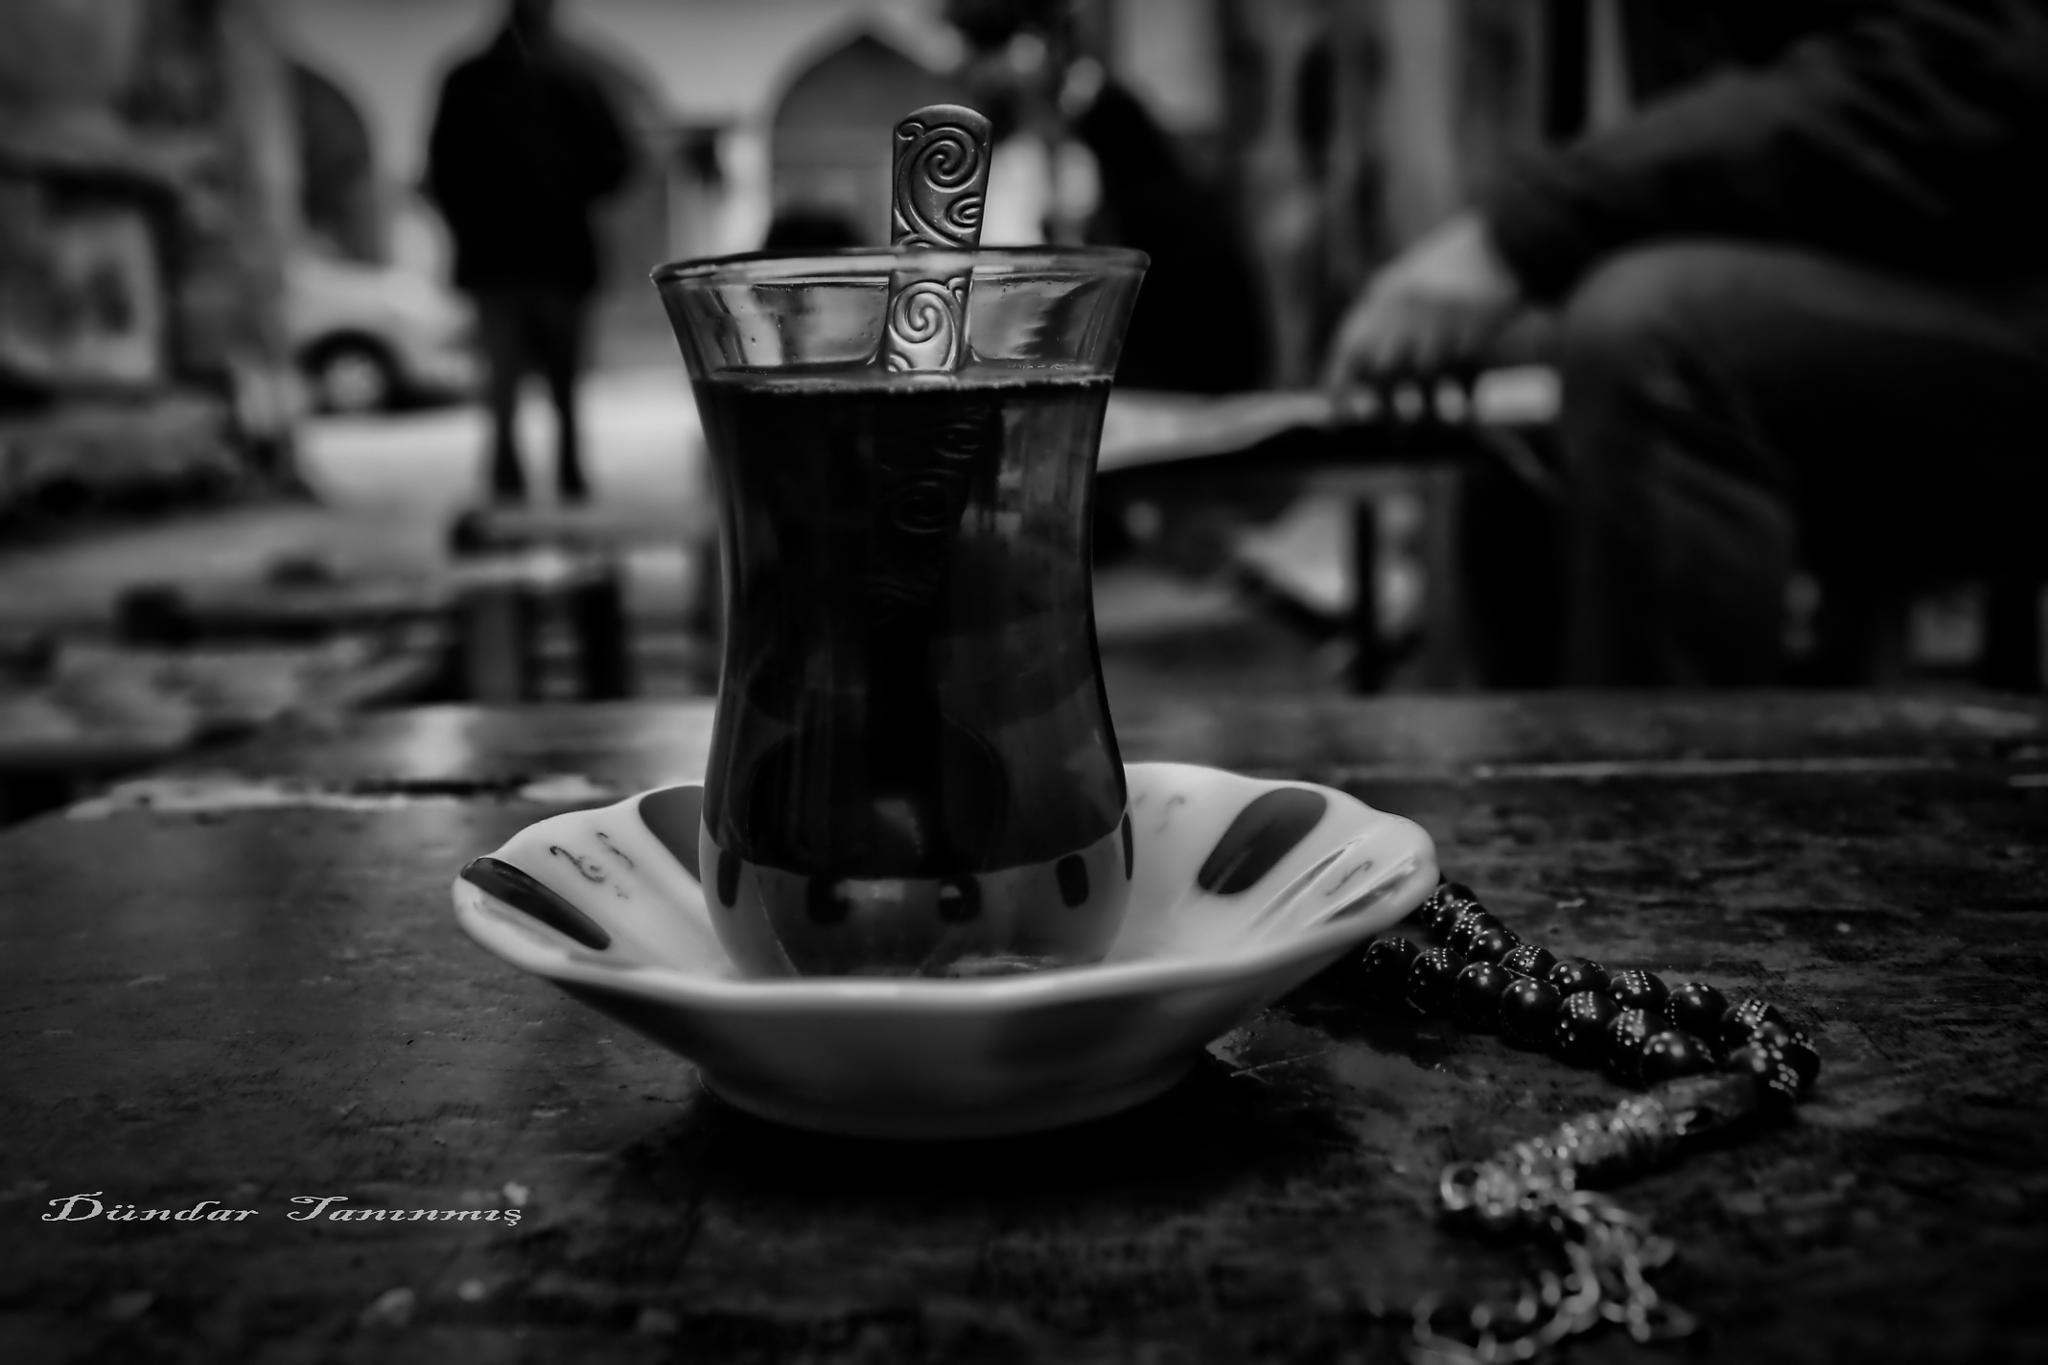 Untitled by Dündar Tanınmış